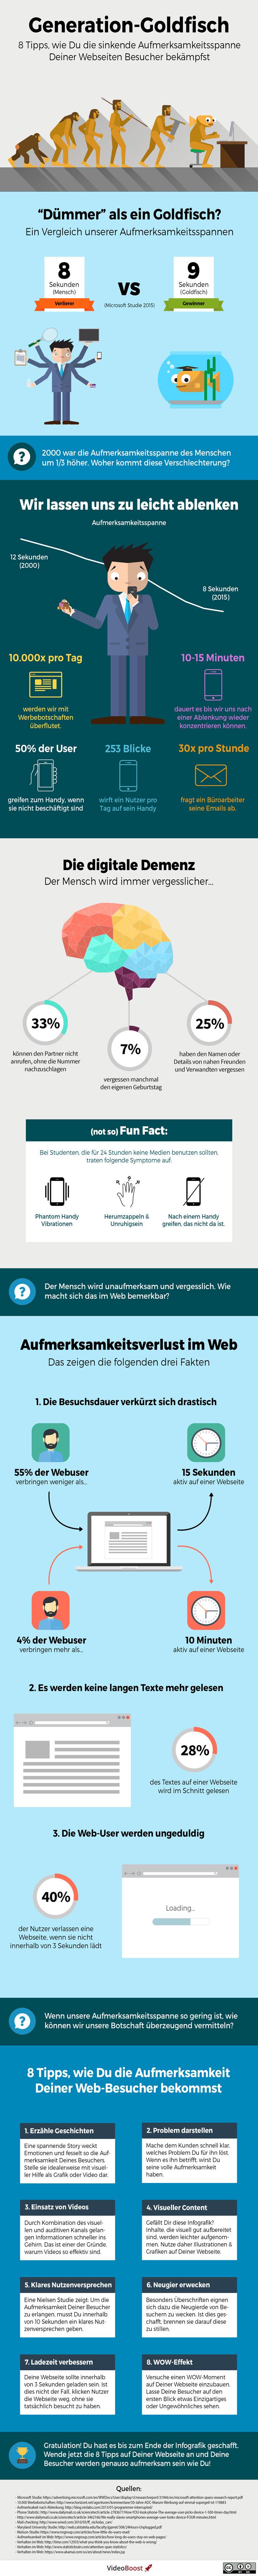 infografik-aufmerksamkeitsspanne-generation-goldfisch-700px